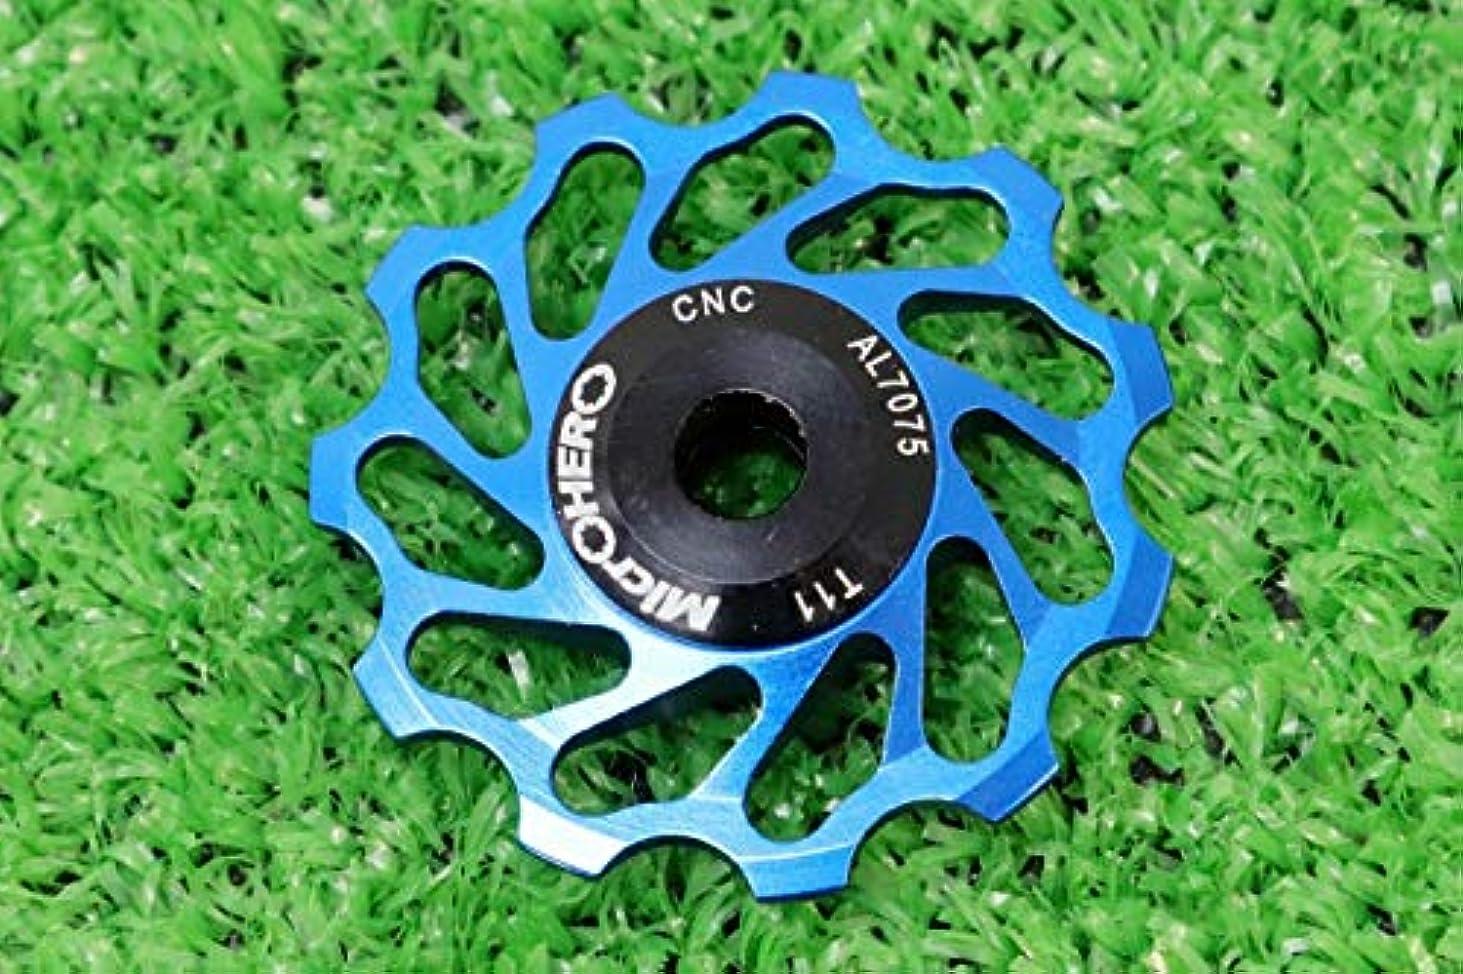 不完全贅沢肥料マイクロヒーロー MicrOHERO セラミックベアリング アルミ プーリー 11T  ブルー 自転車パーツ